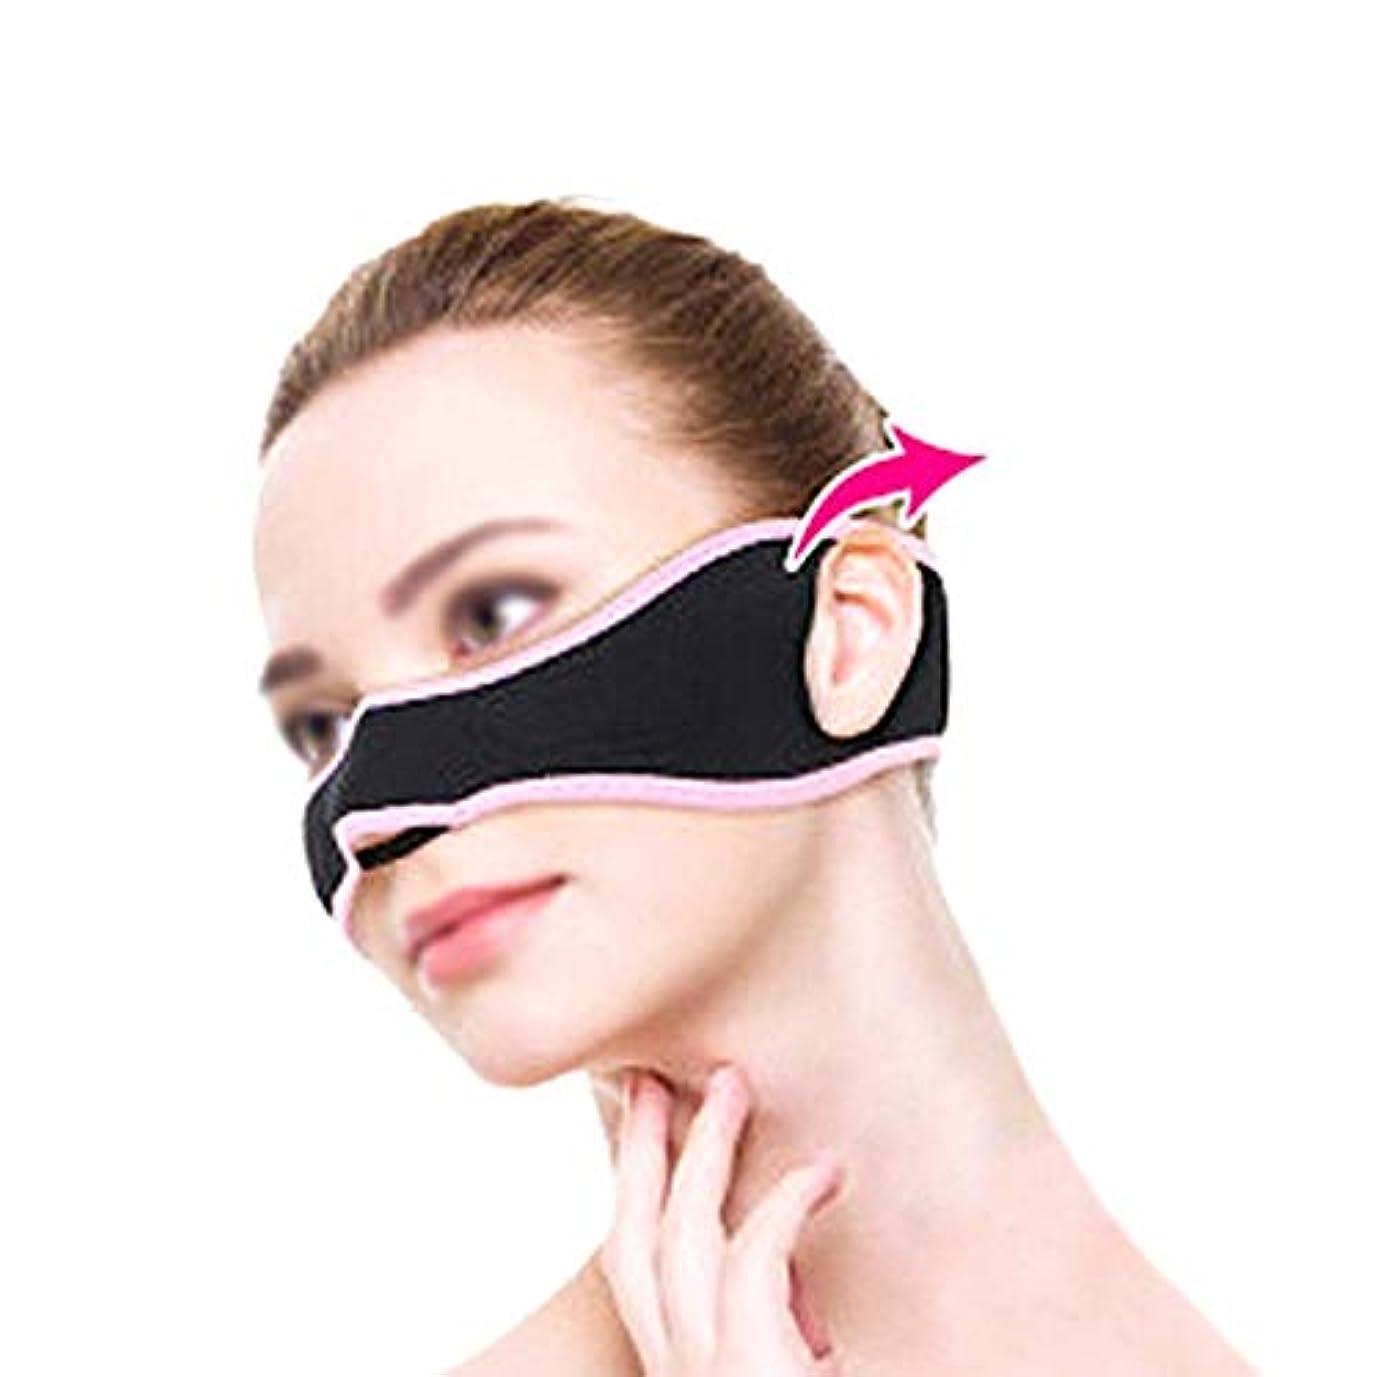 退屈させる求人騒乱XHLMRMJ フェイスリフティングマスク、チークリフトアップマスク、薄くて薄い顔、顔の筋肉を引き締めて持ち上げ、持ち運びが簡単で、男性と女性の両方が使用できます